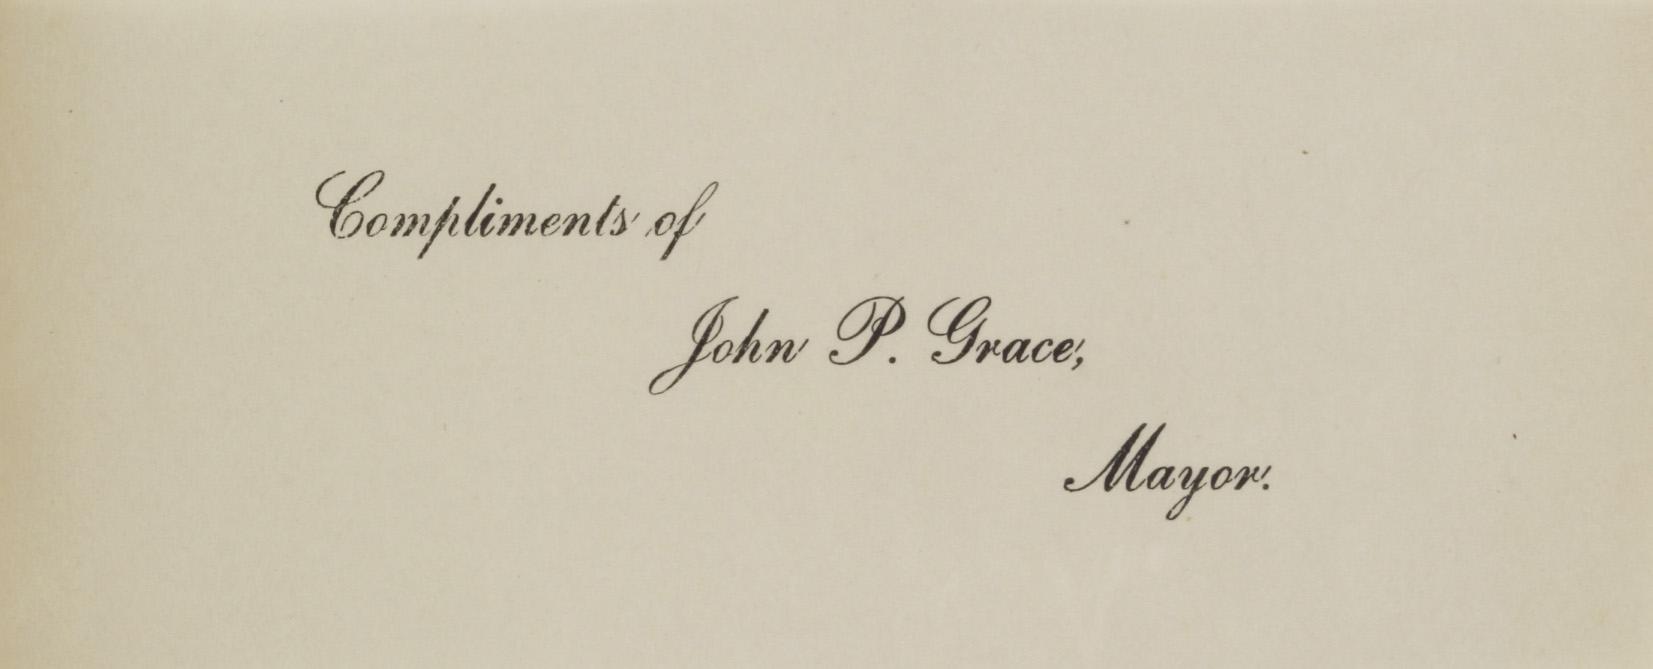 Charleston Yearbook, 1914, insert